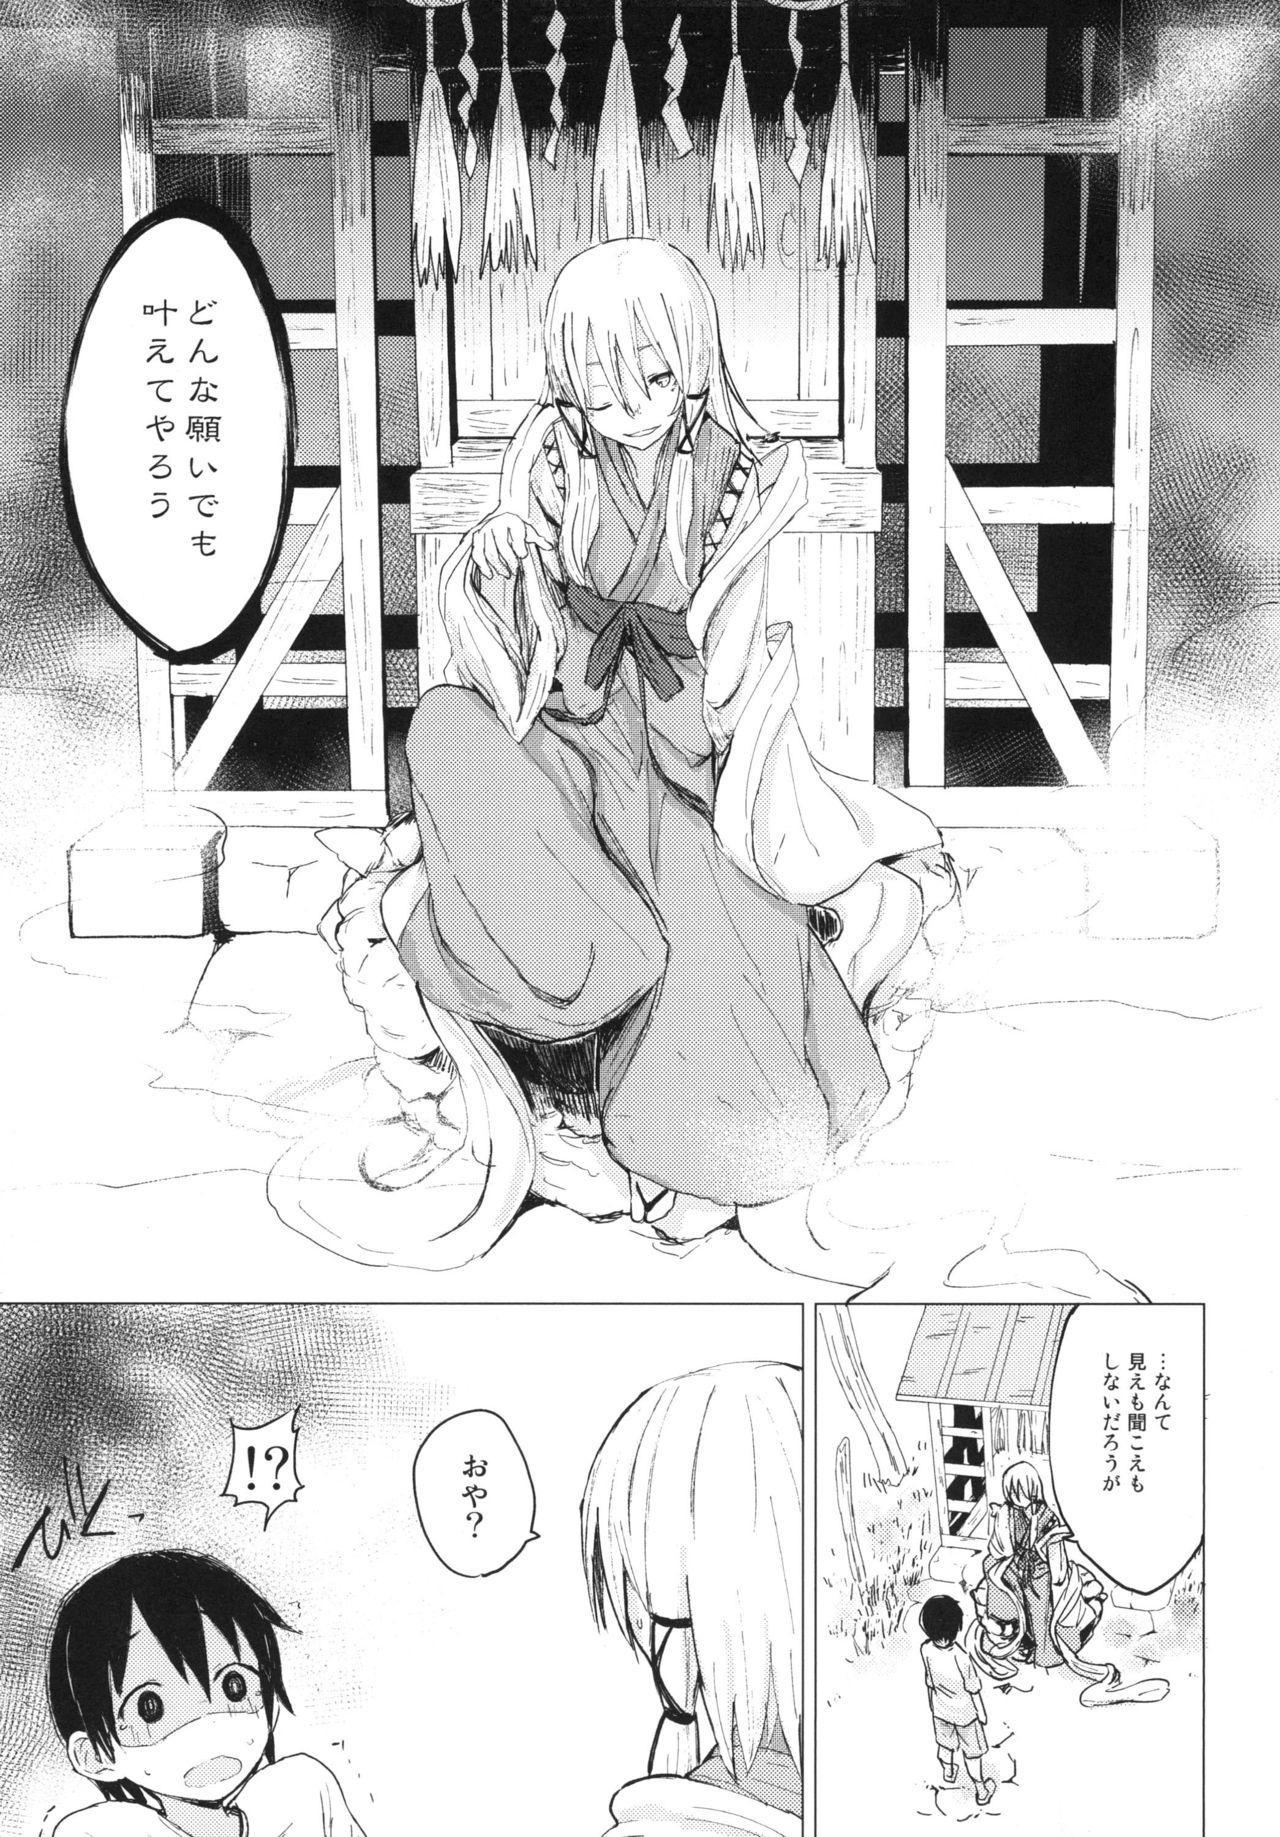 Suwa Shota 01 4